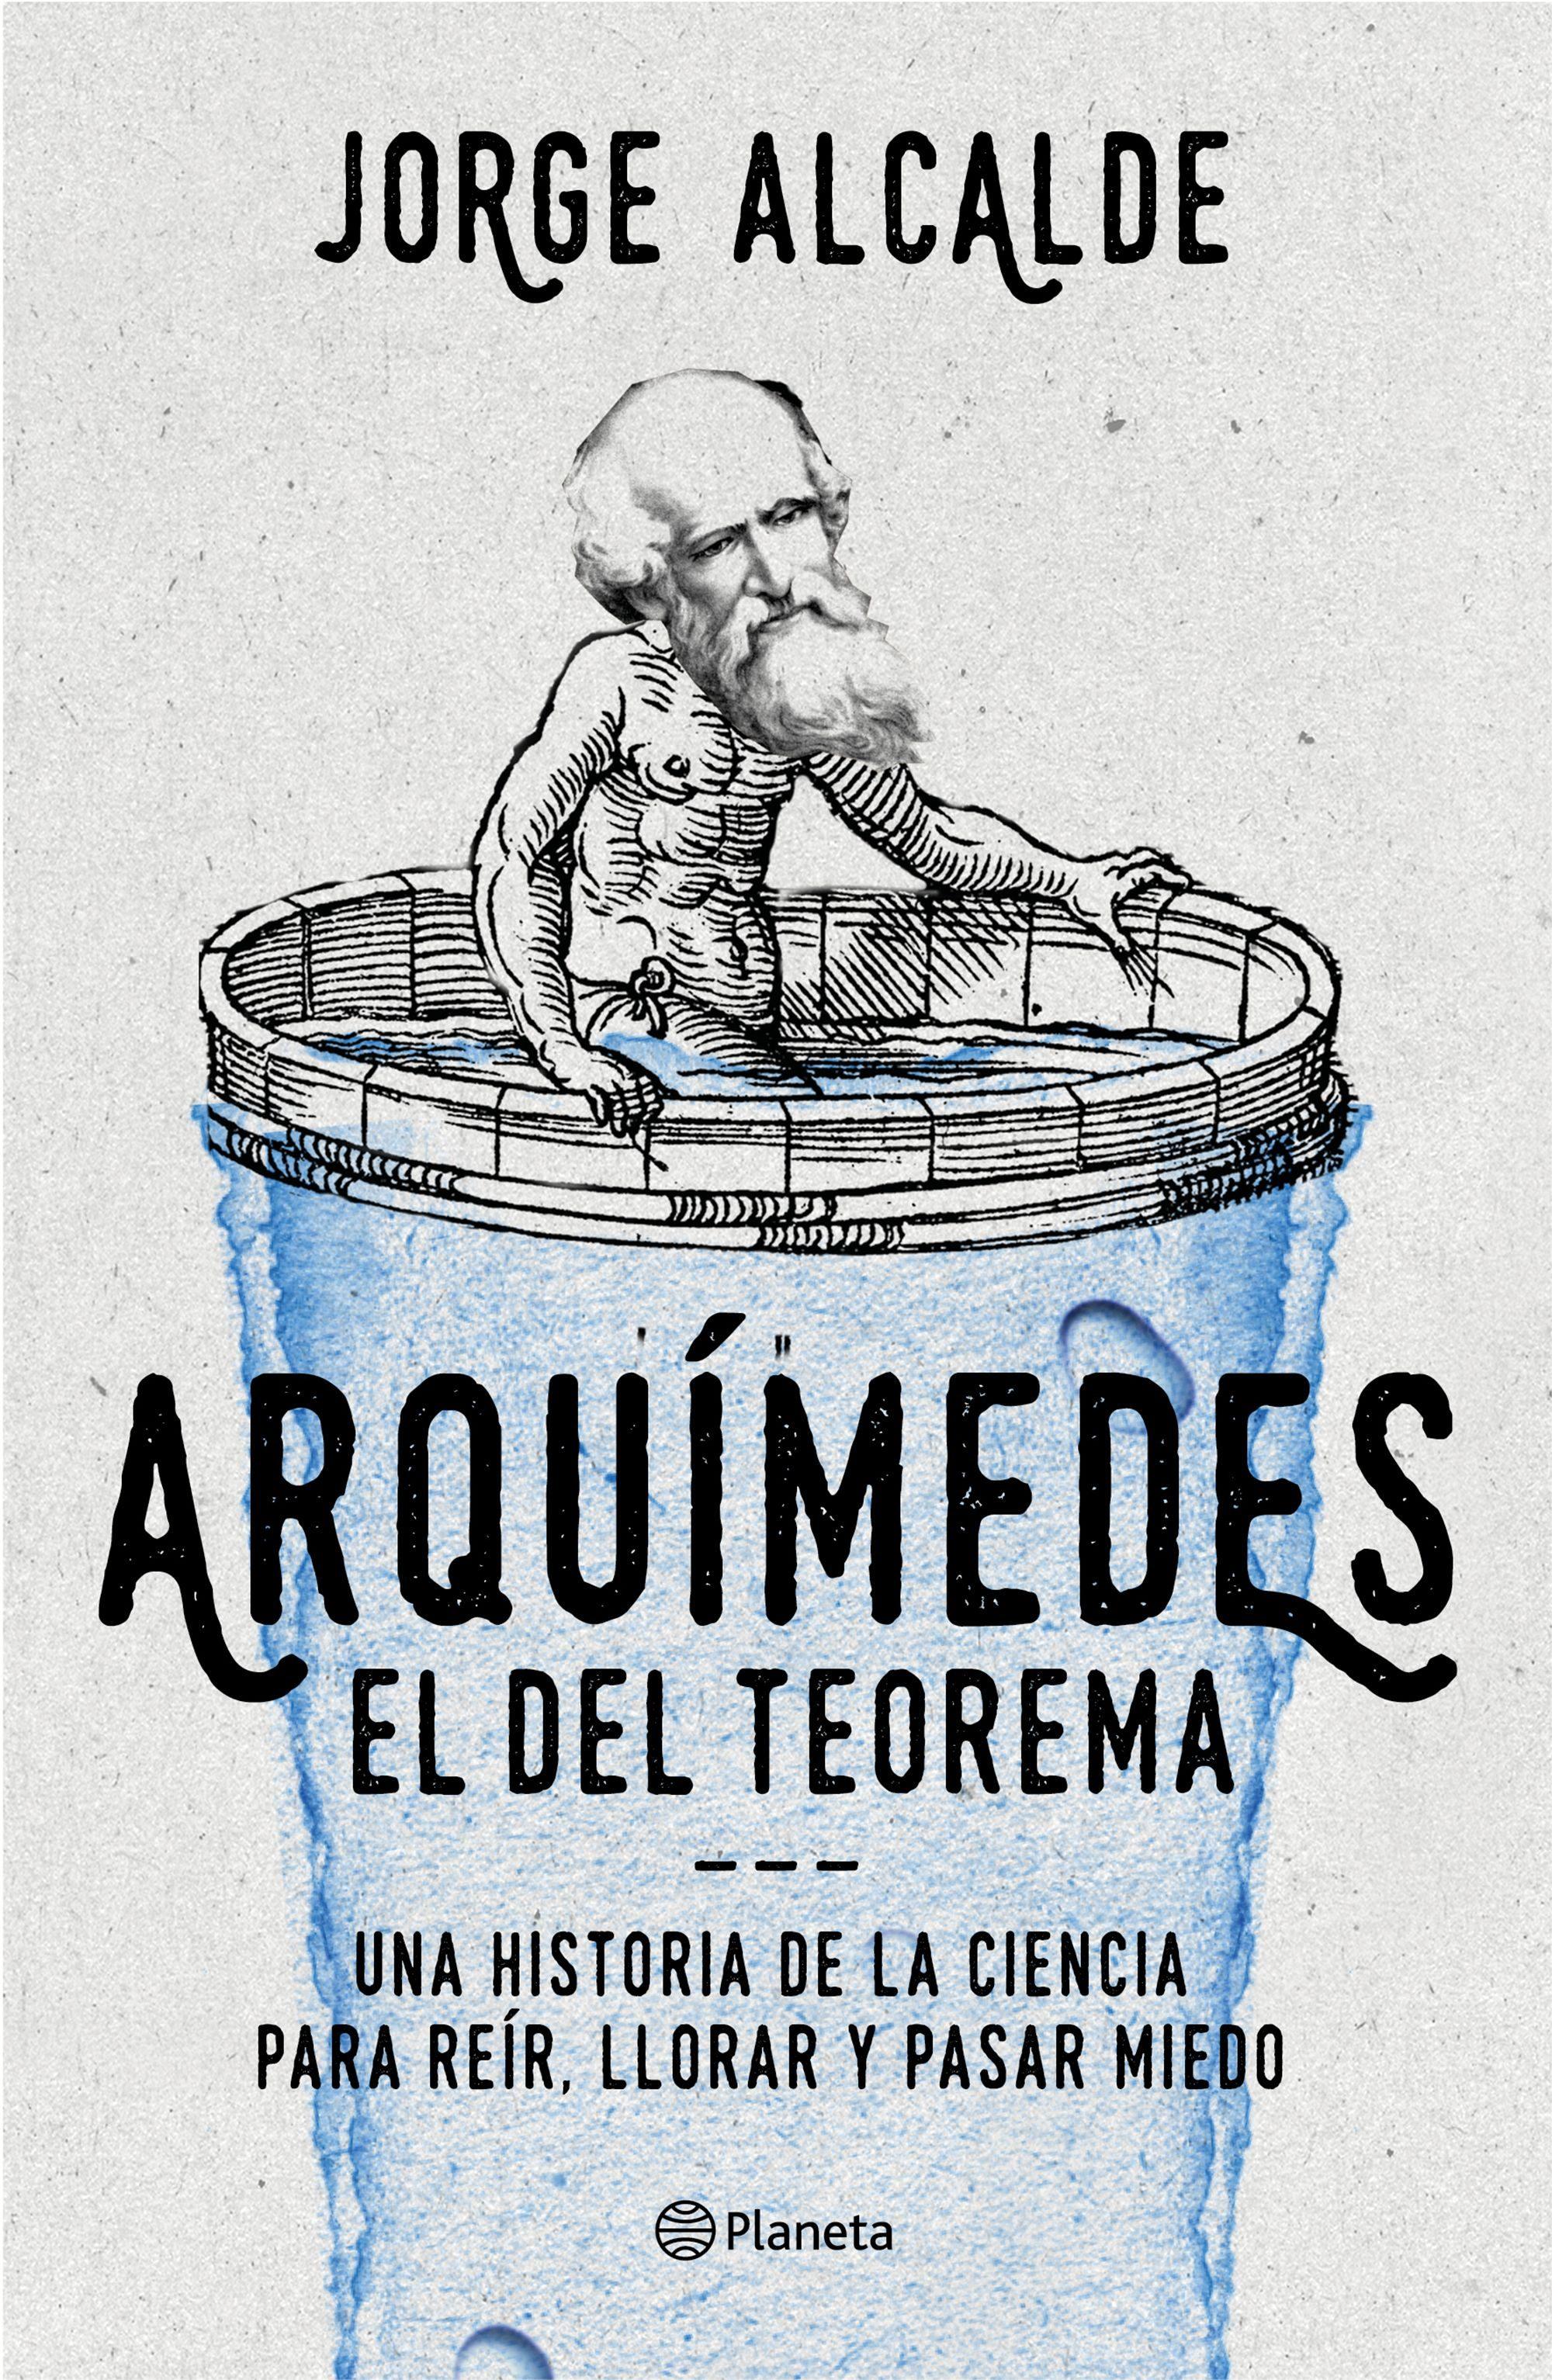 Arqumedeseldelteorema-JorgeAlcalde.jpg